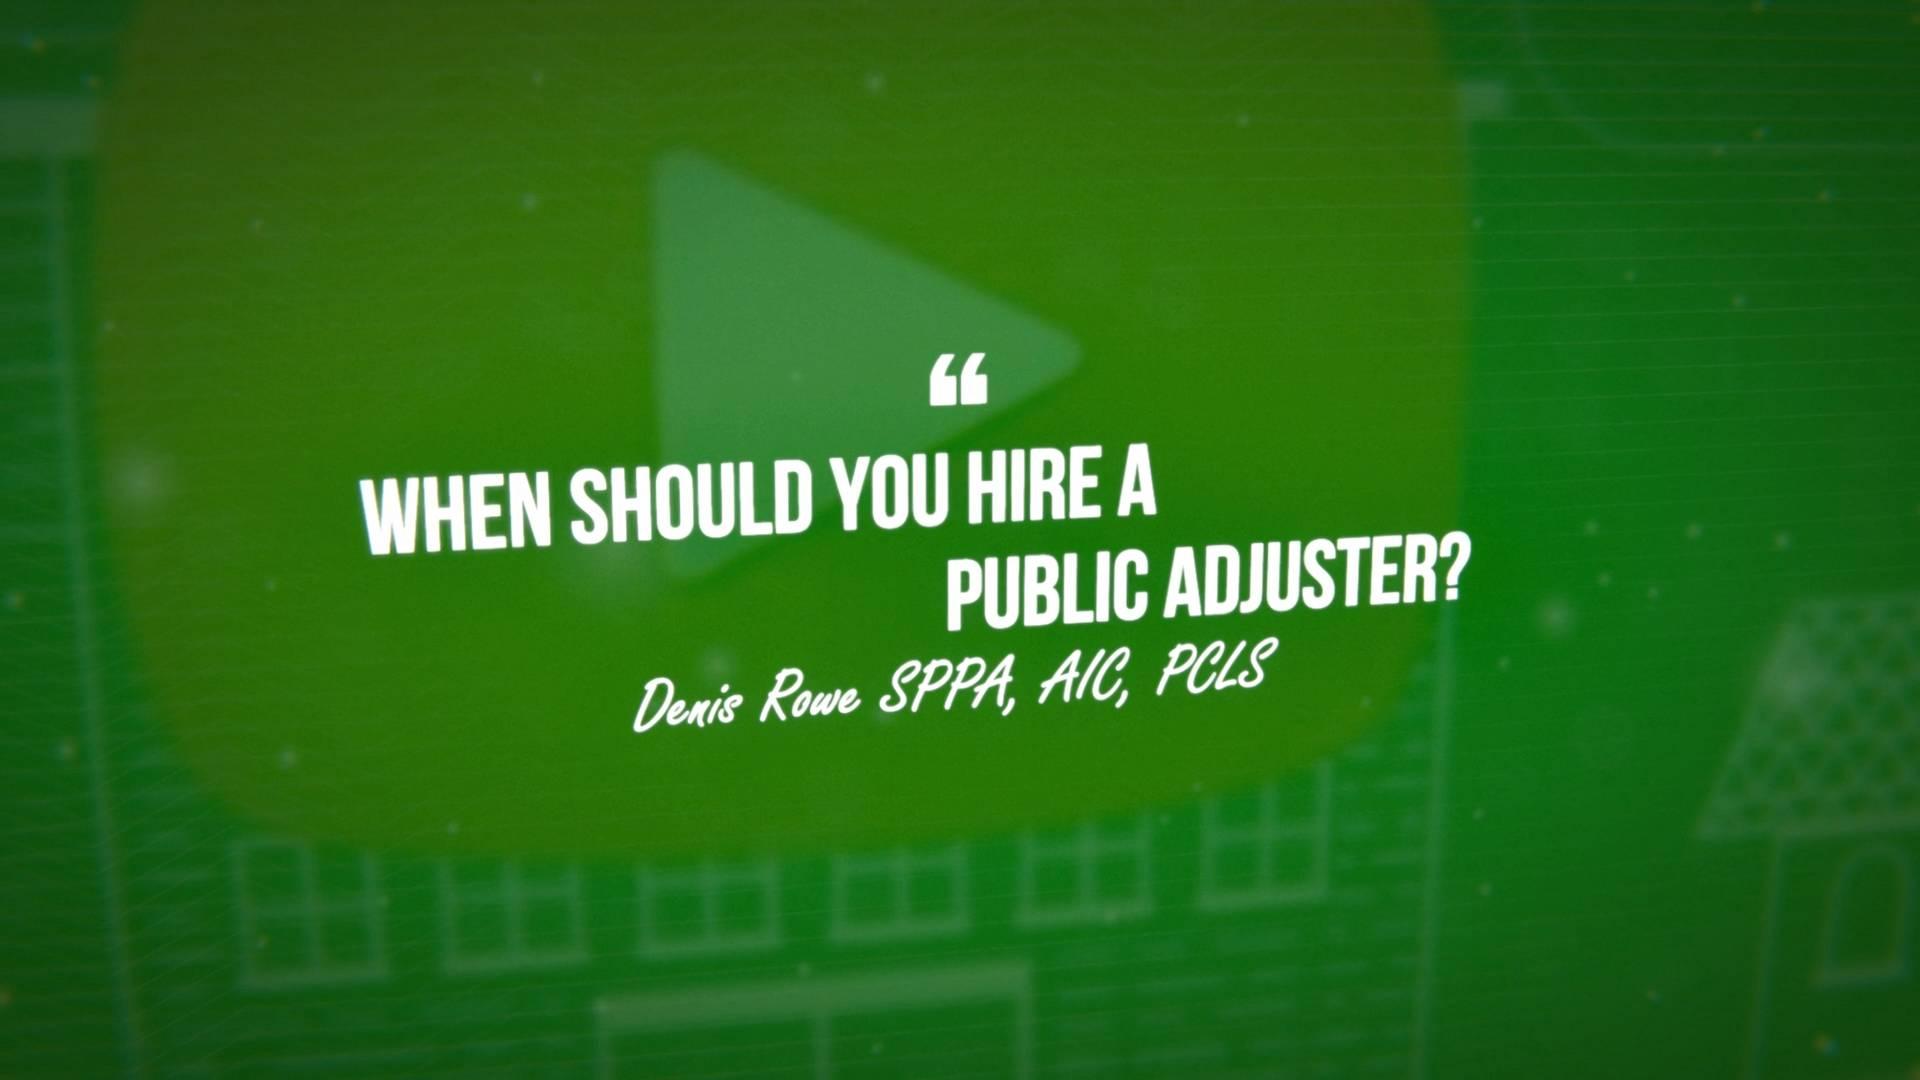 Hiring A Public Adjuster Video Screenshot